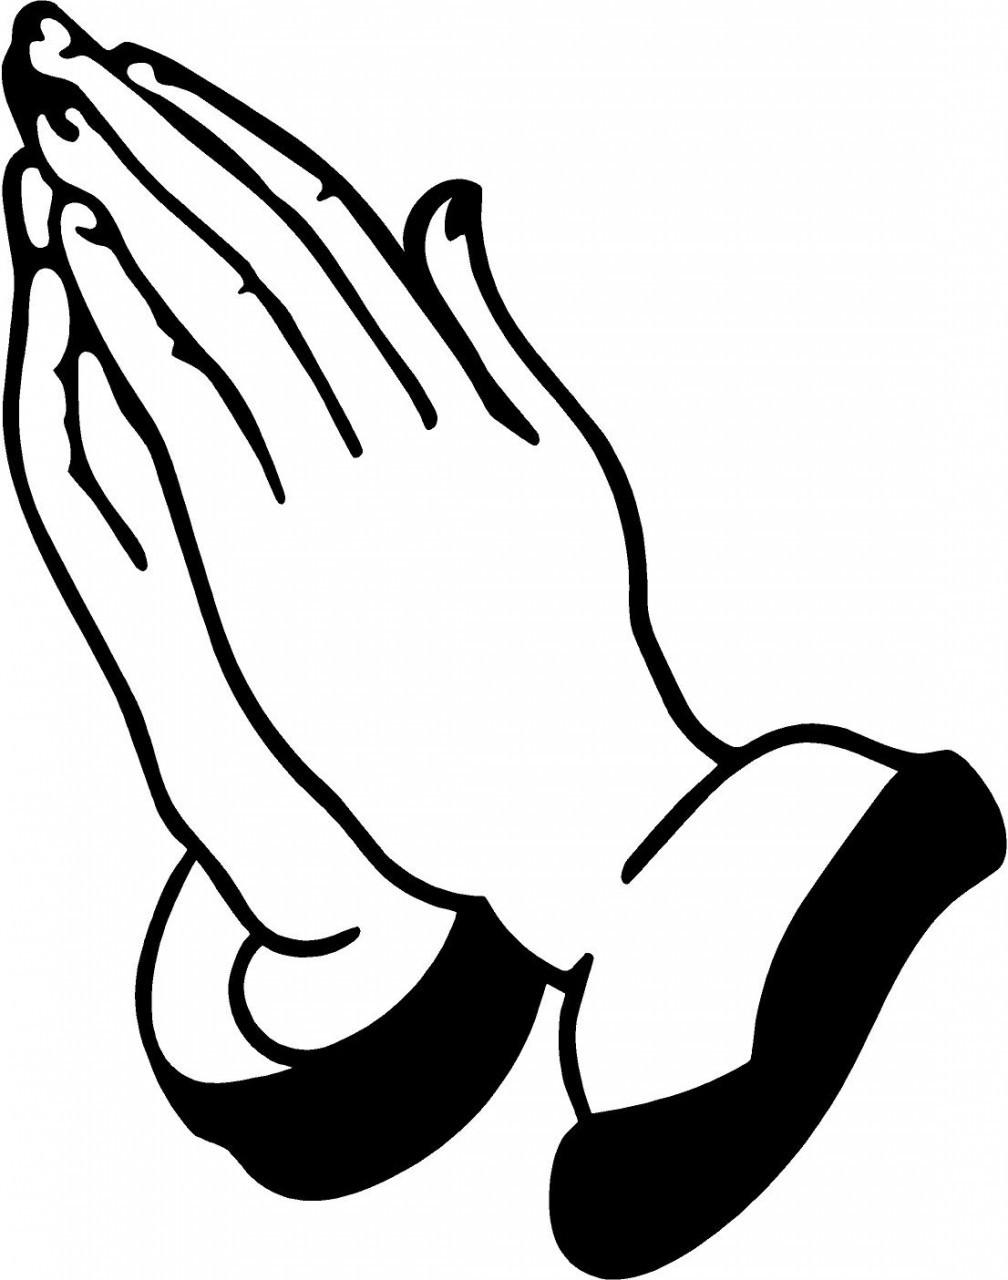 Prayer Hands Clipart